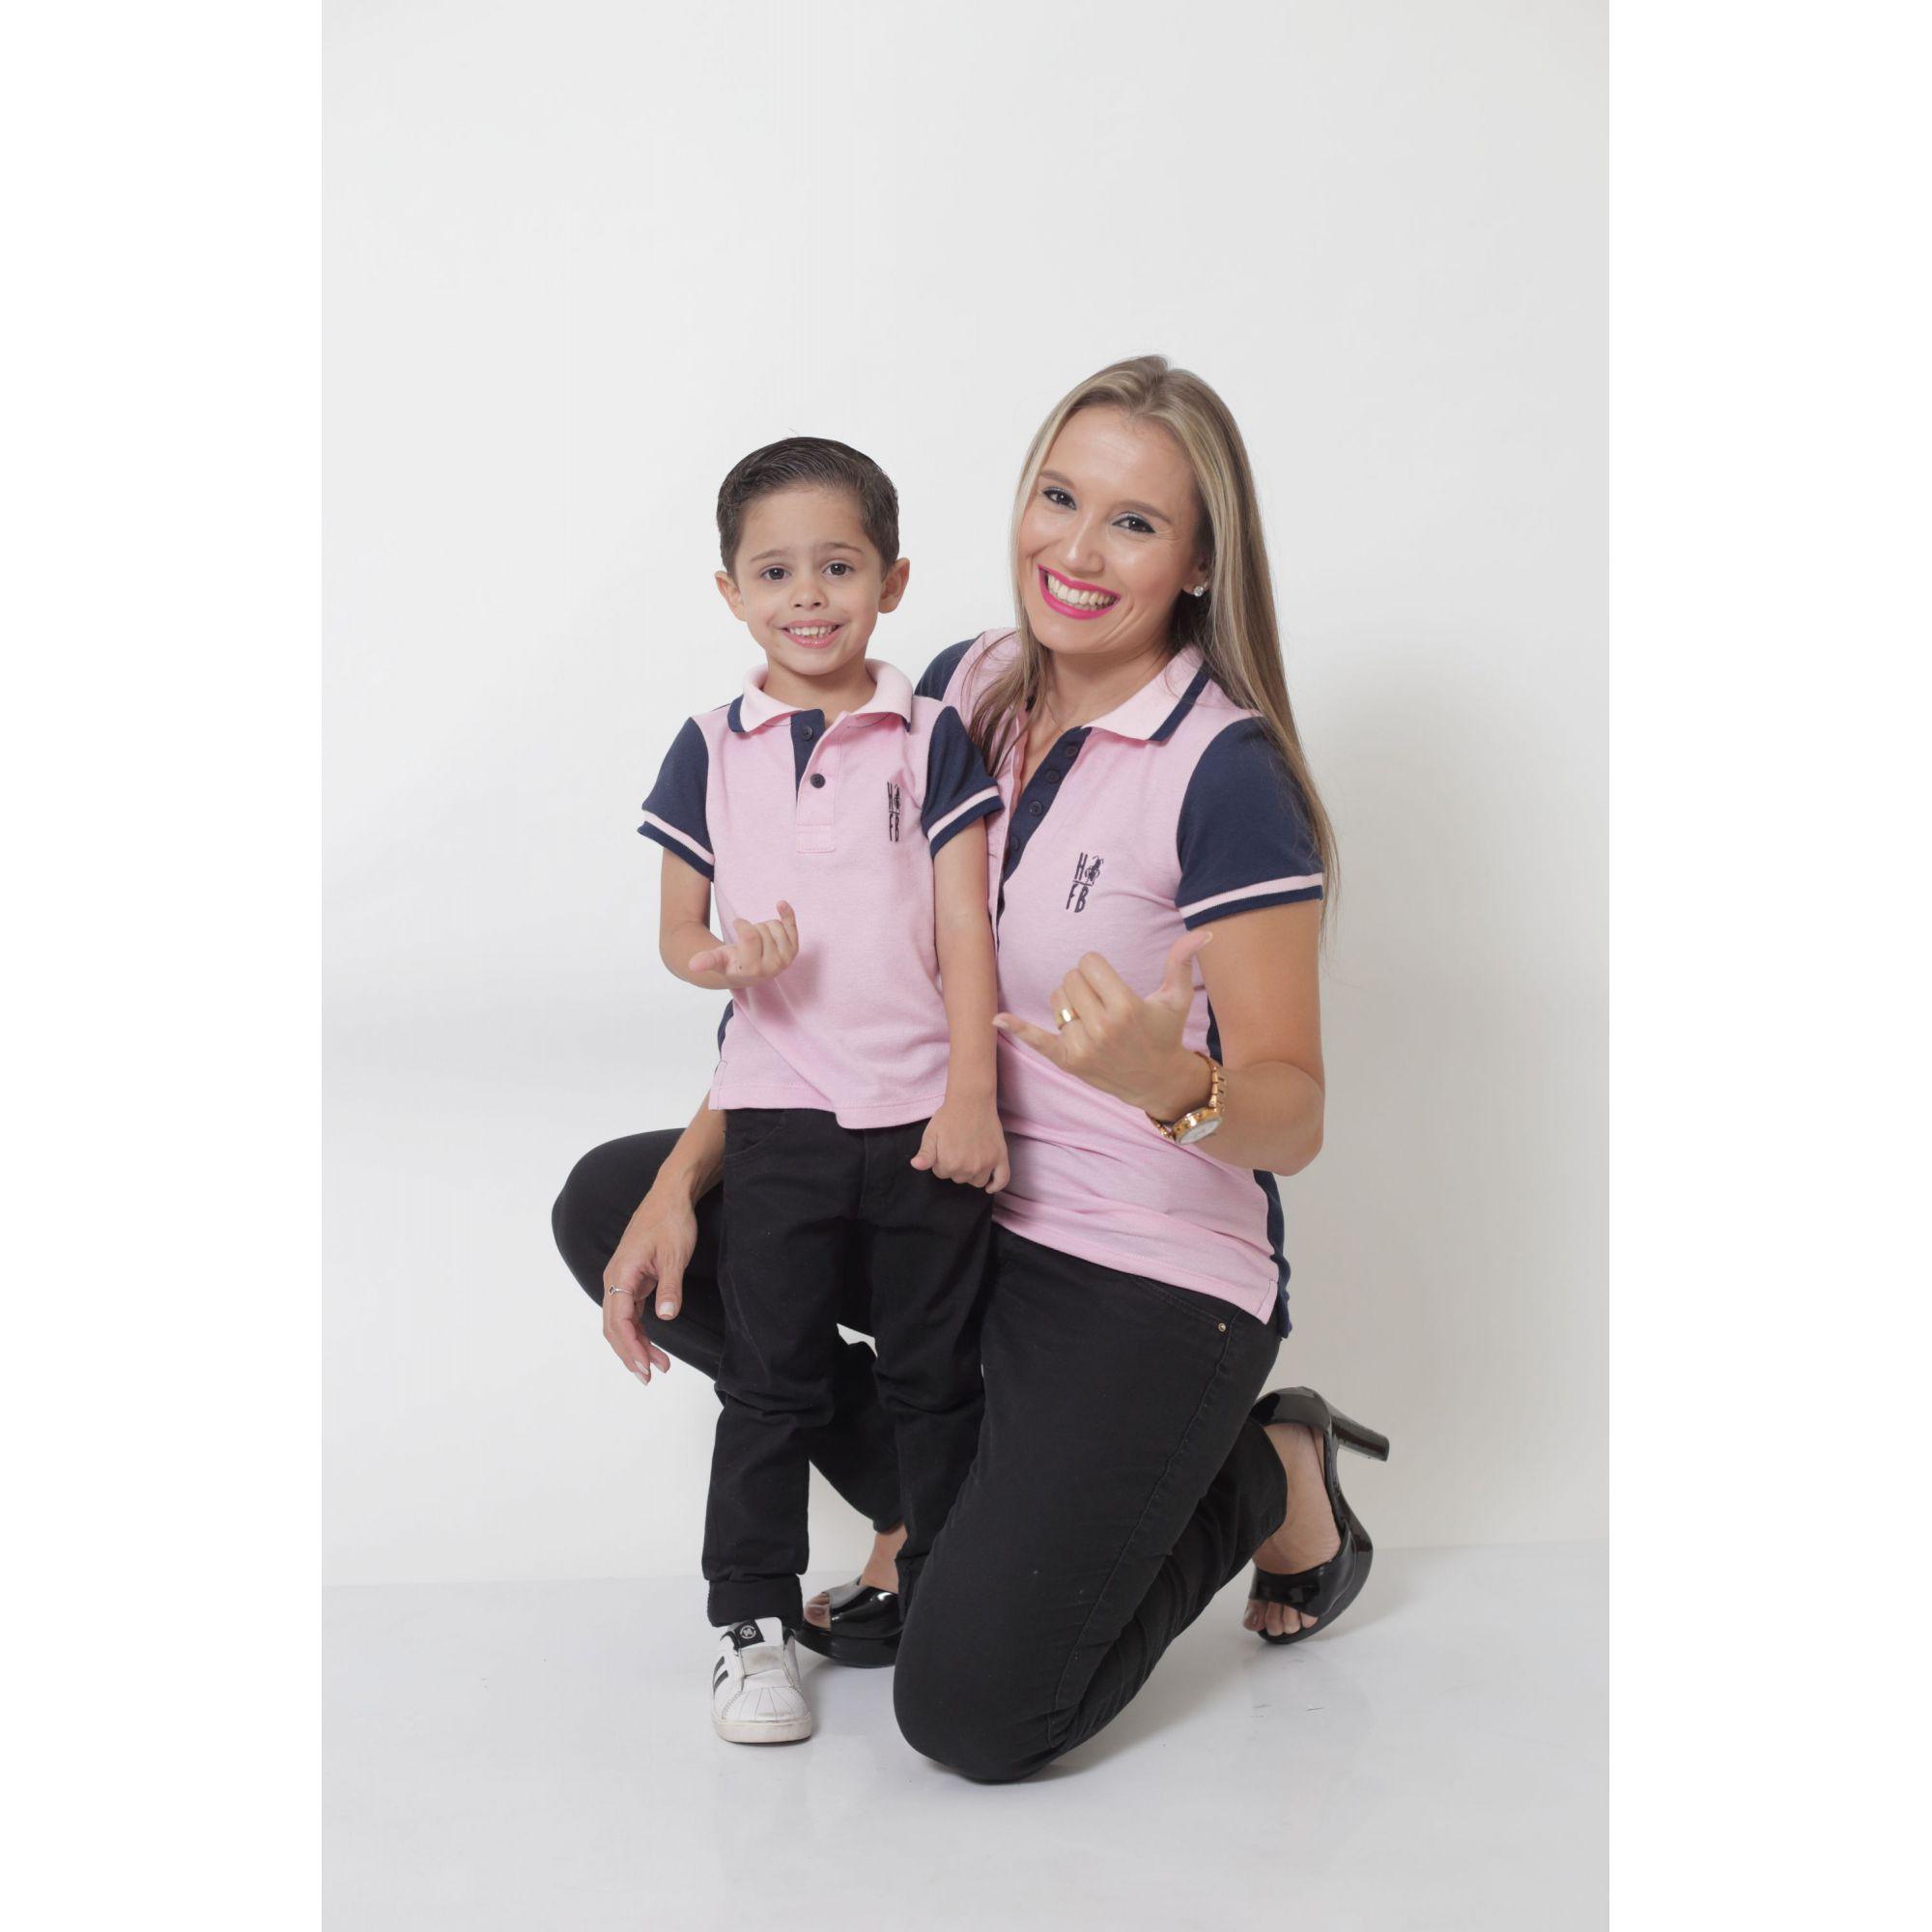 MÃE E FILHO > Kit 02 Peças - Camisas ou Body Polo Dual Cor  Rosa e Marinho [Coleção Tal Mãe Tal Filho]  - Heitor Fashion Brazil